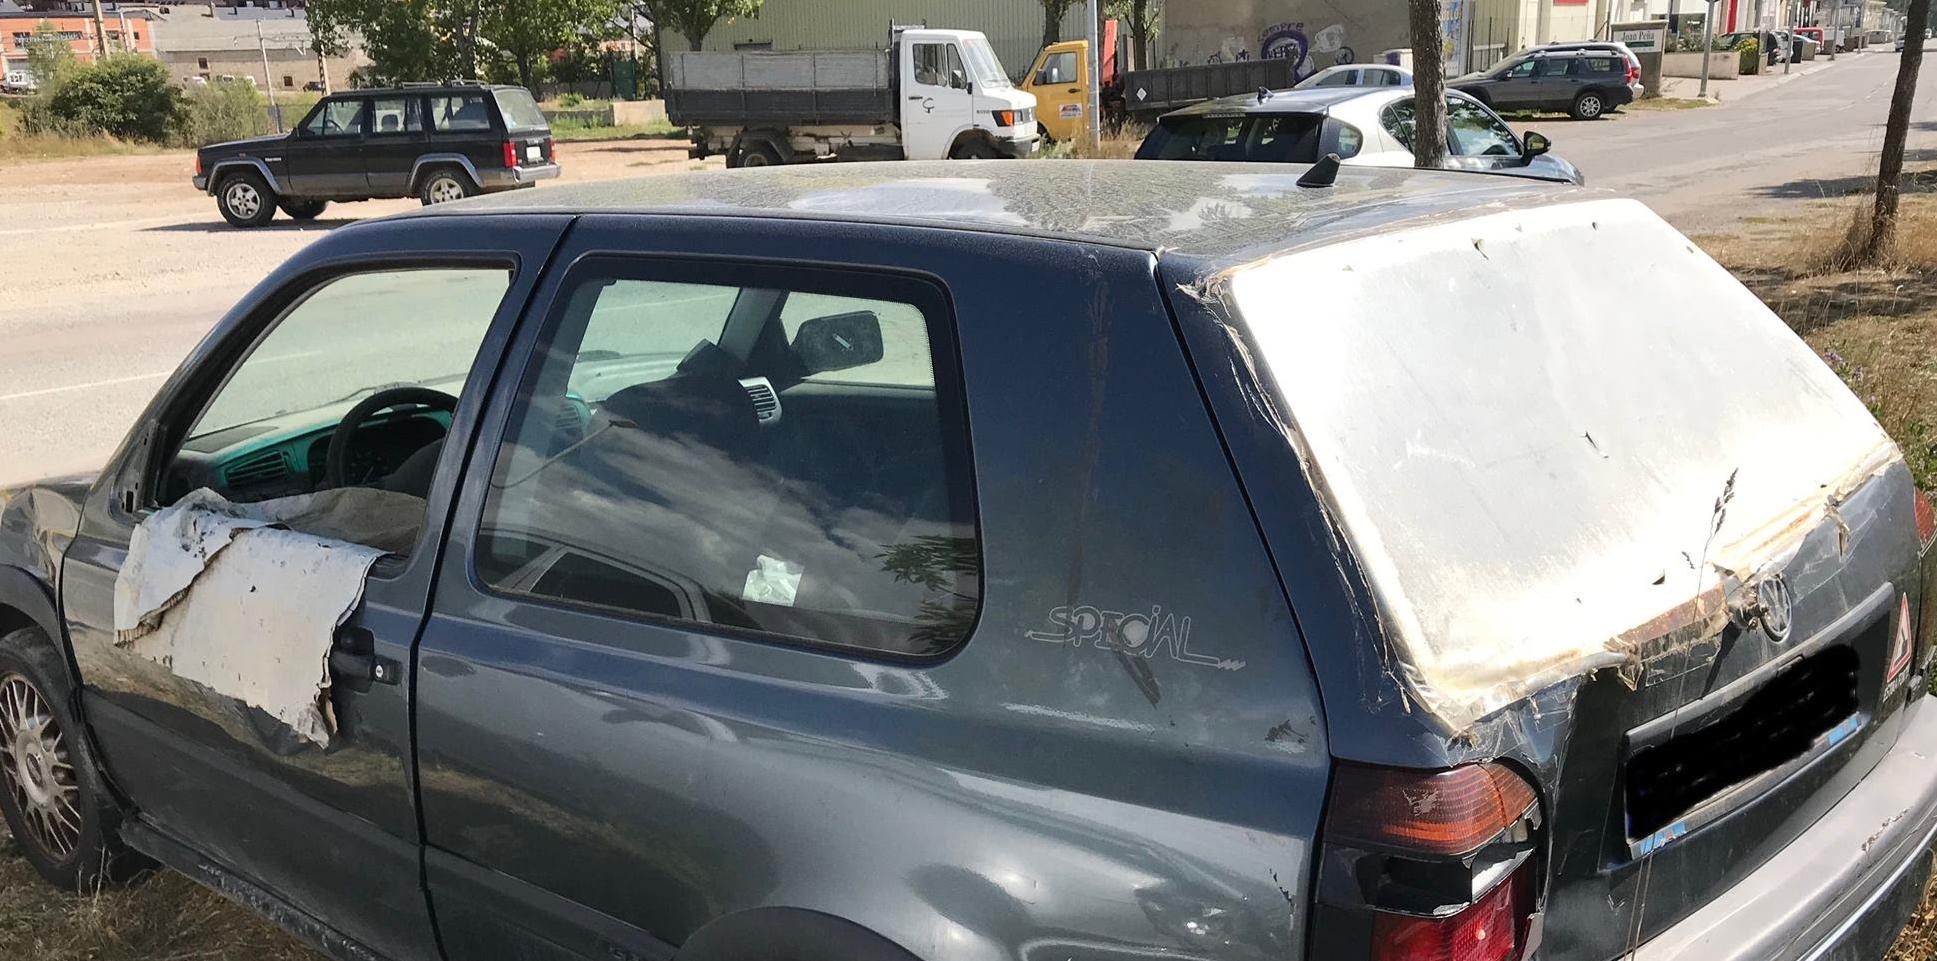 Abandonament massiu de vehicles als carrers de Puigcerdà